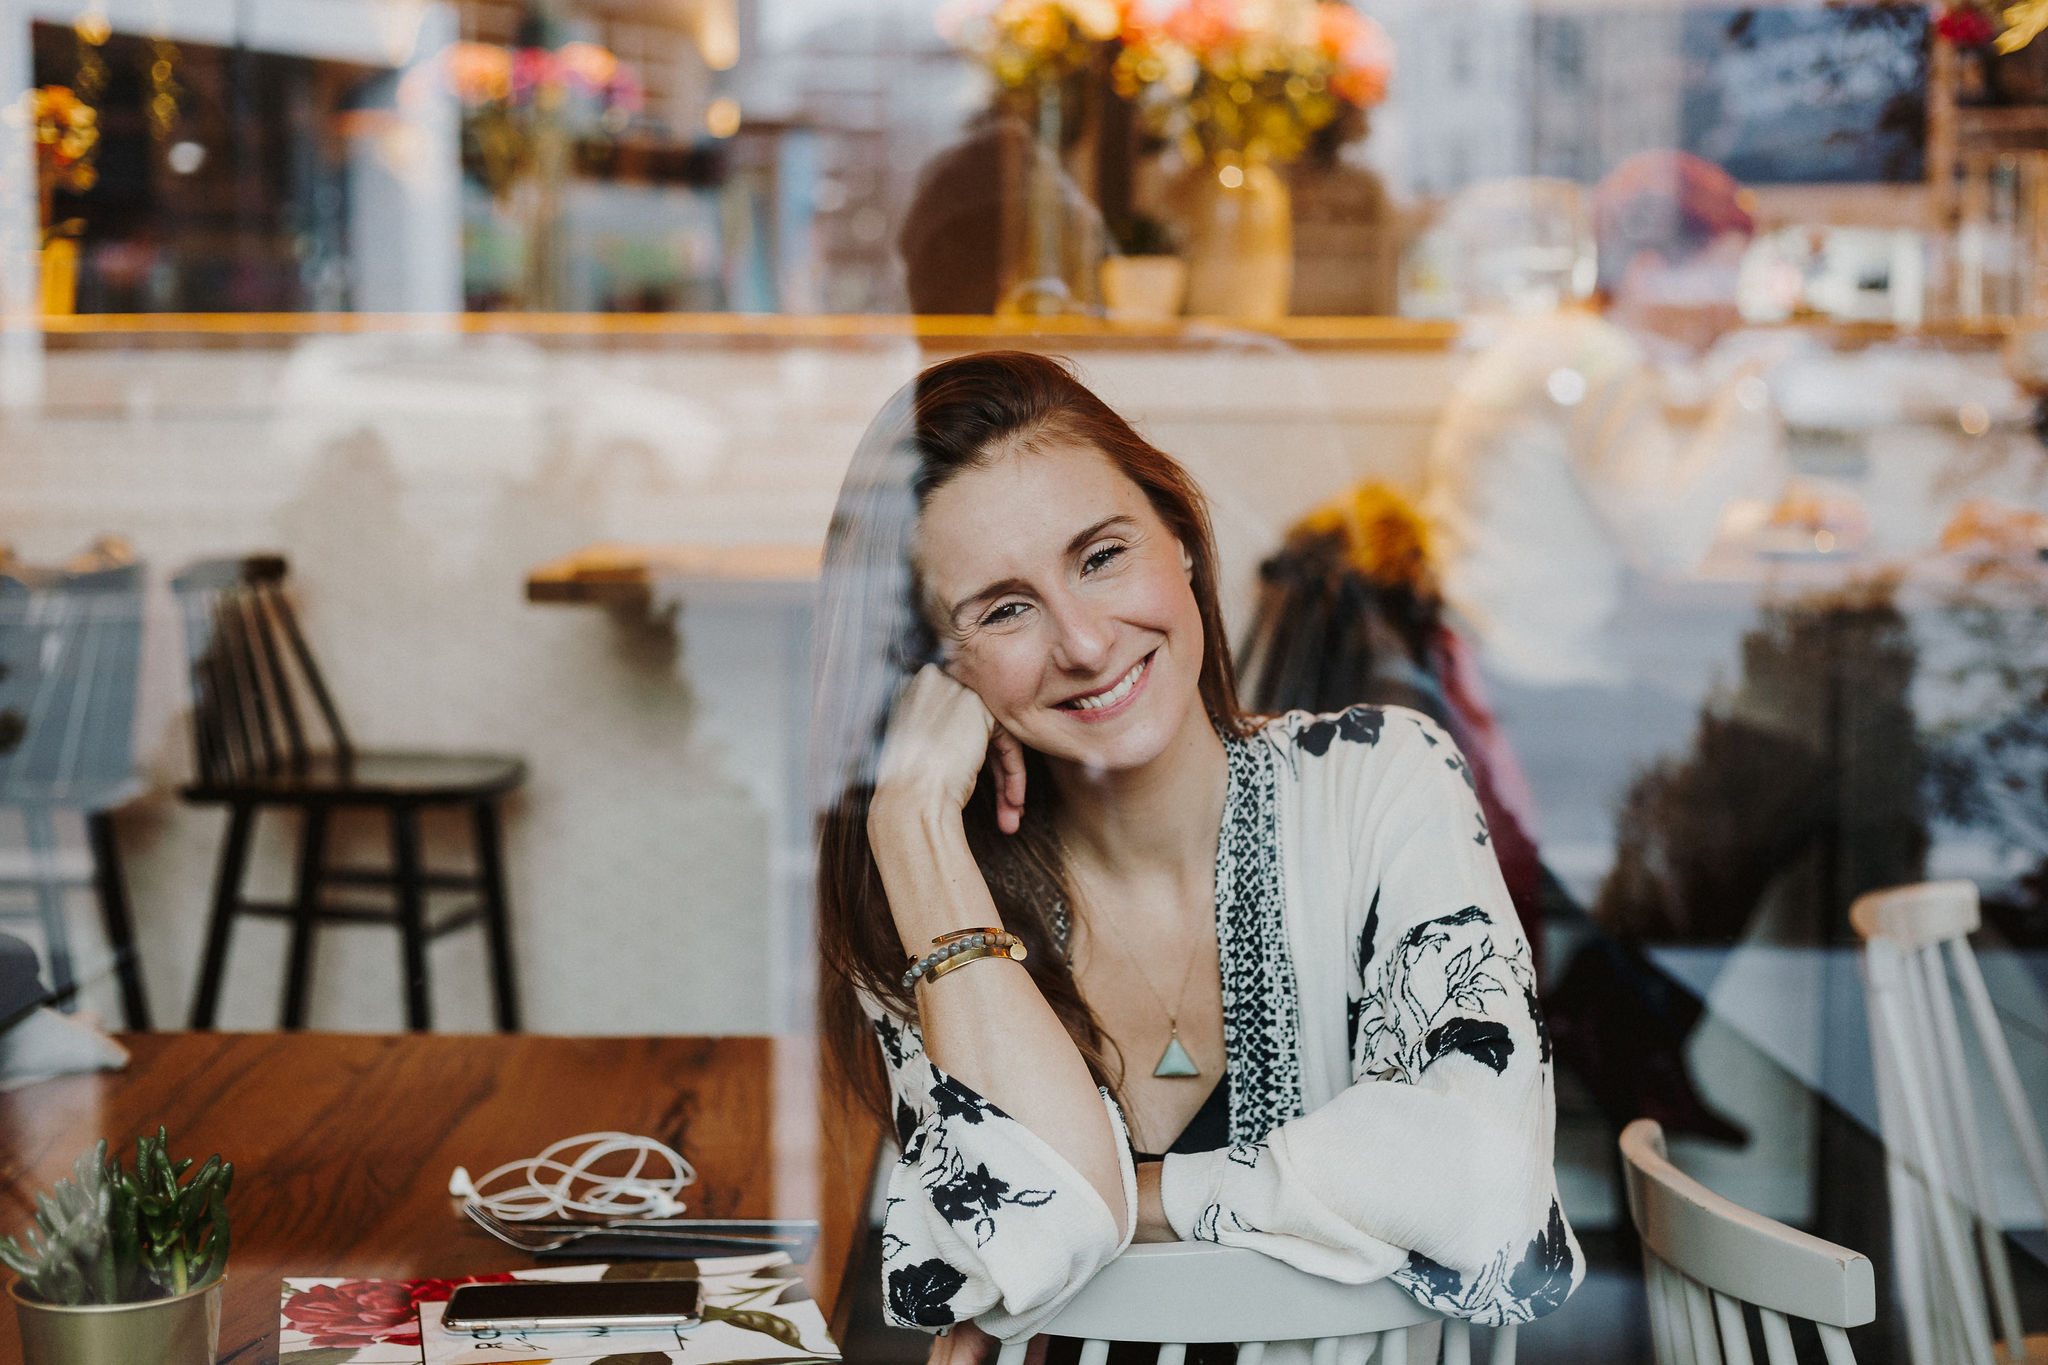 Laura Malina Seiler